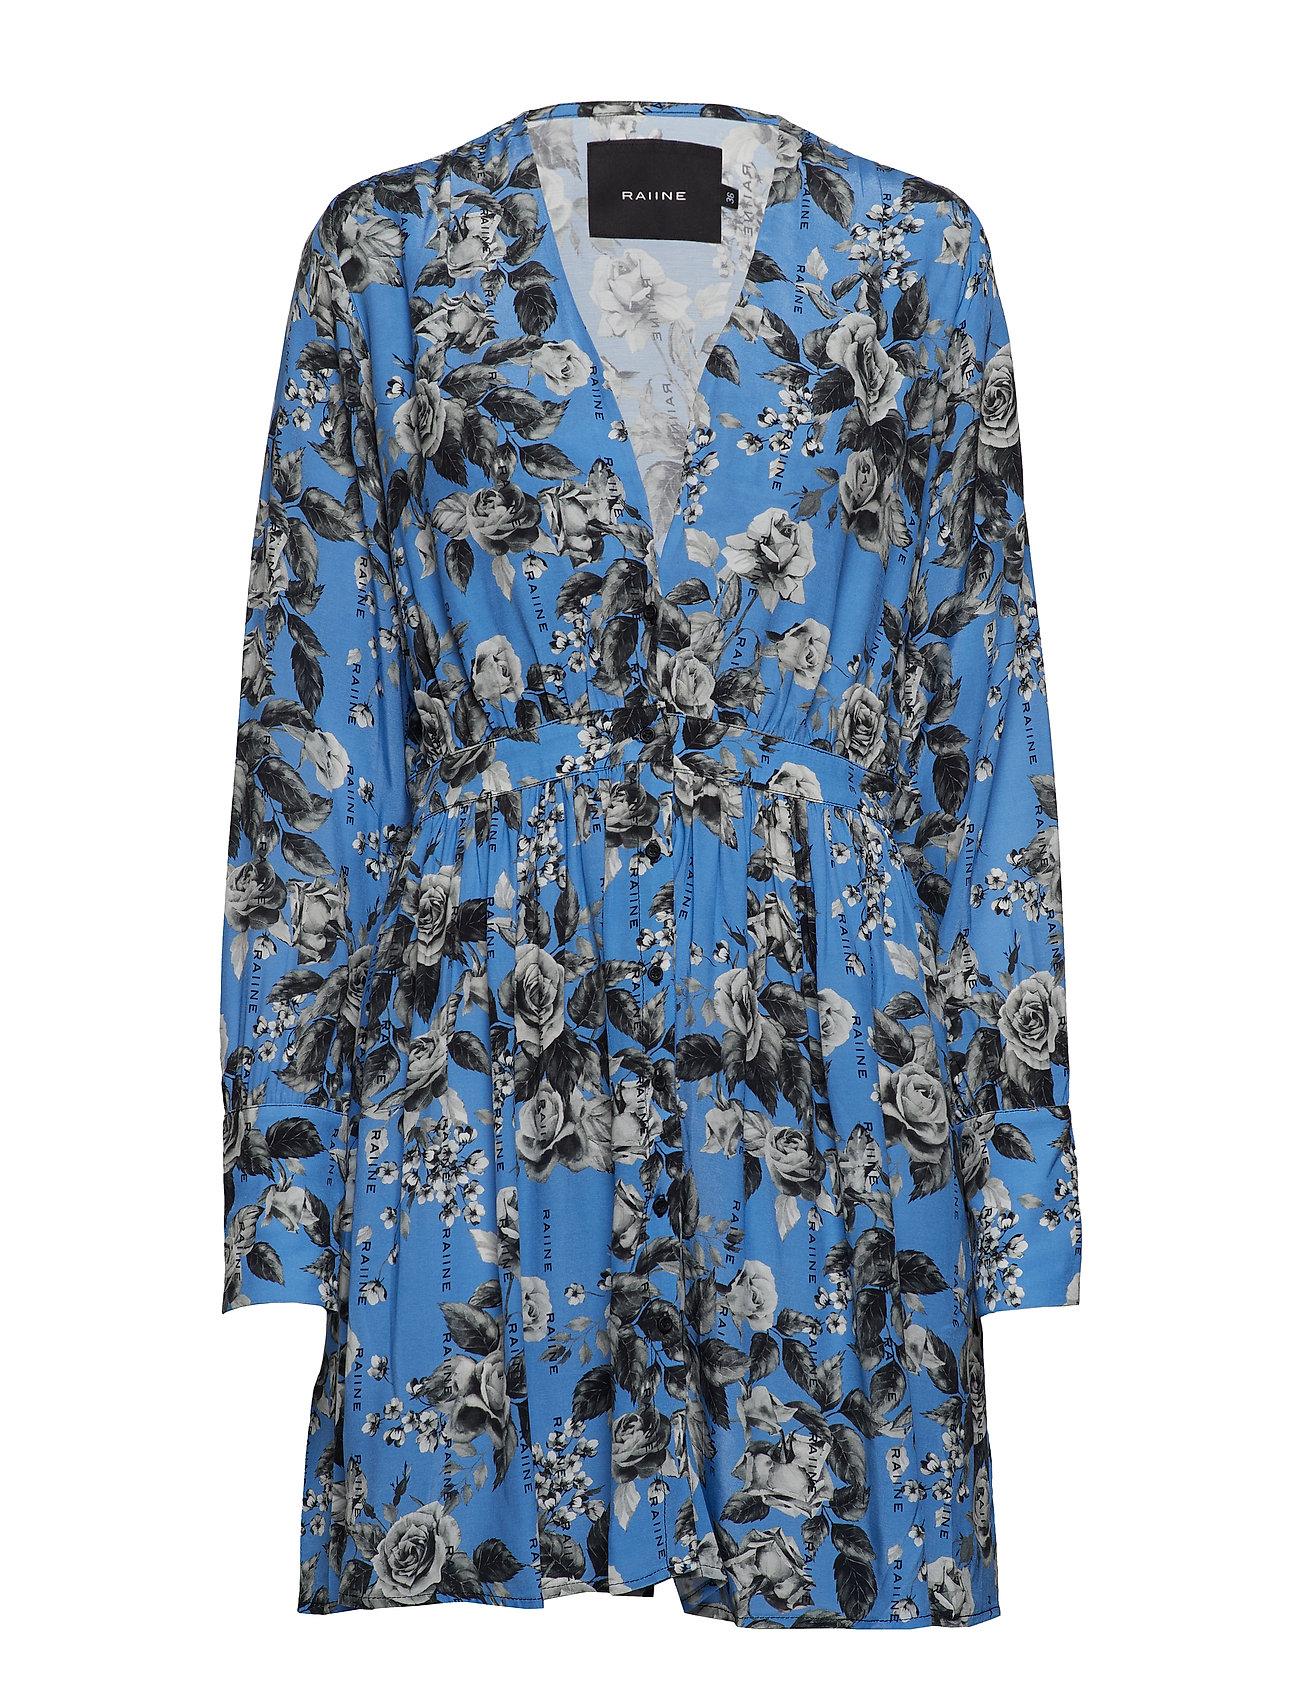 Raiine ALAMEDA MINI DRESS - REGATTA BLUE